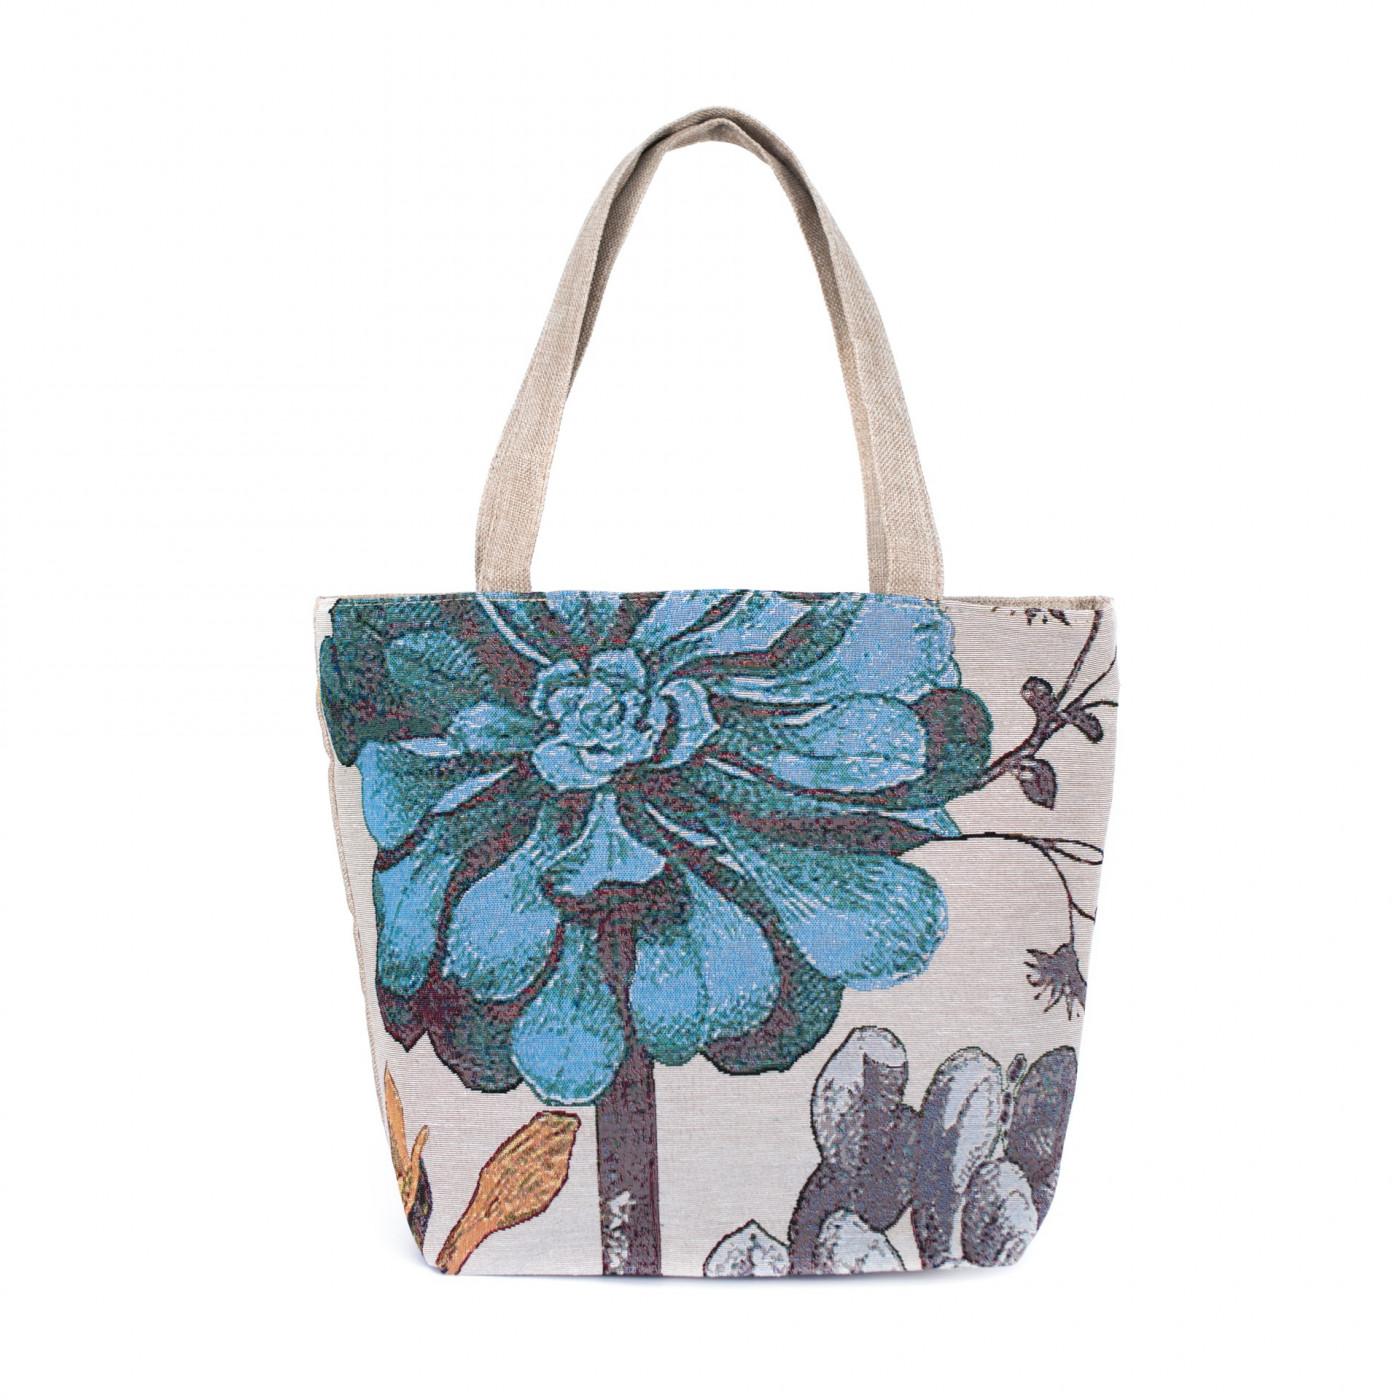 Art Of Polo Woman's Bag tr19228-1 Multicolour